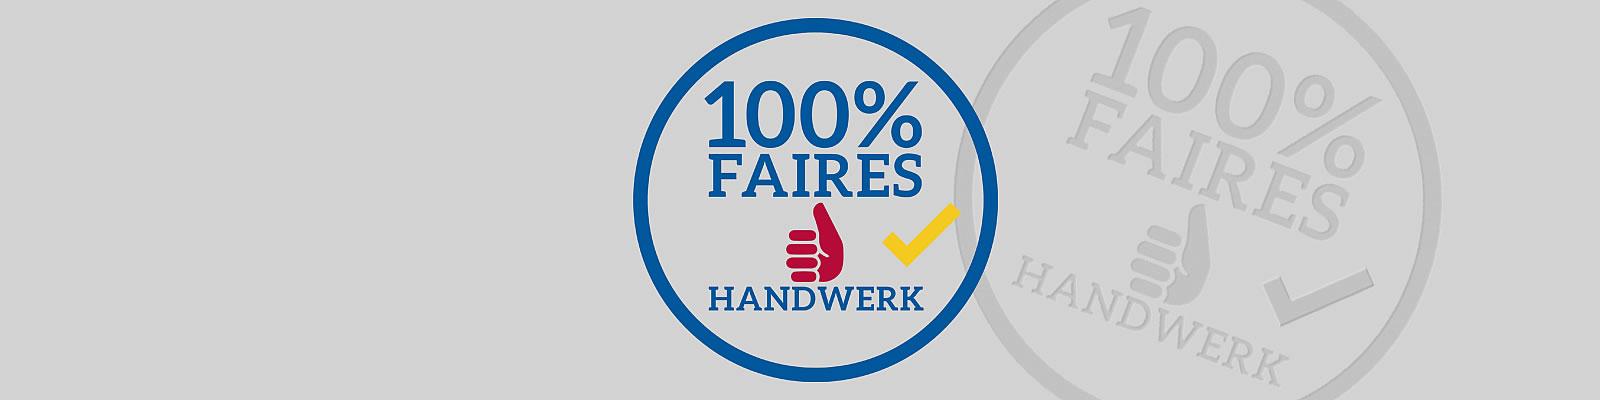 Initiative Faires Handwerk, wir sind dabei